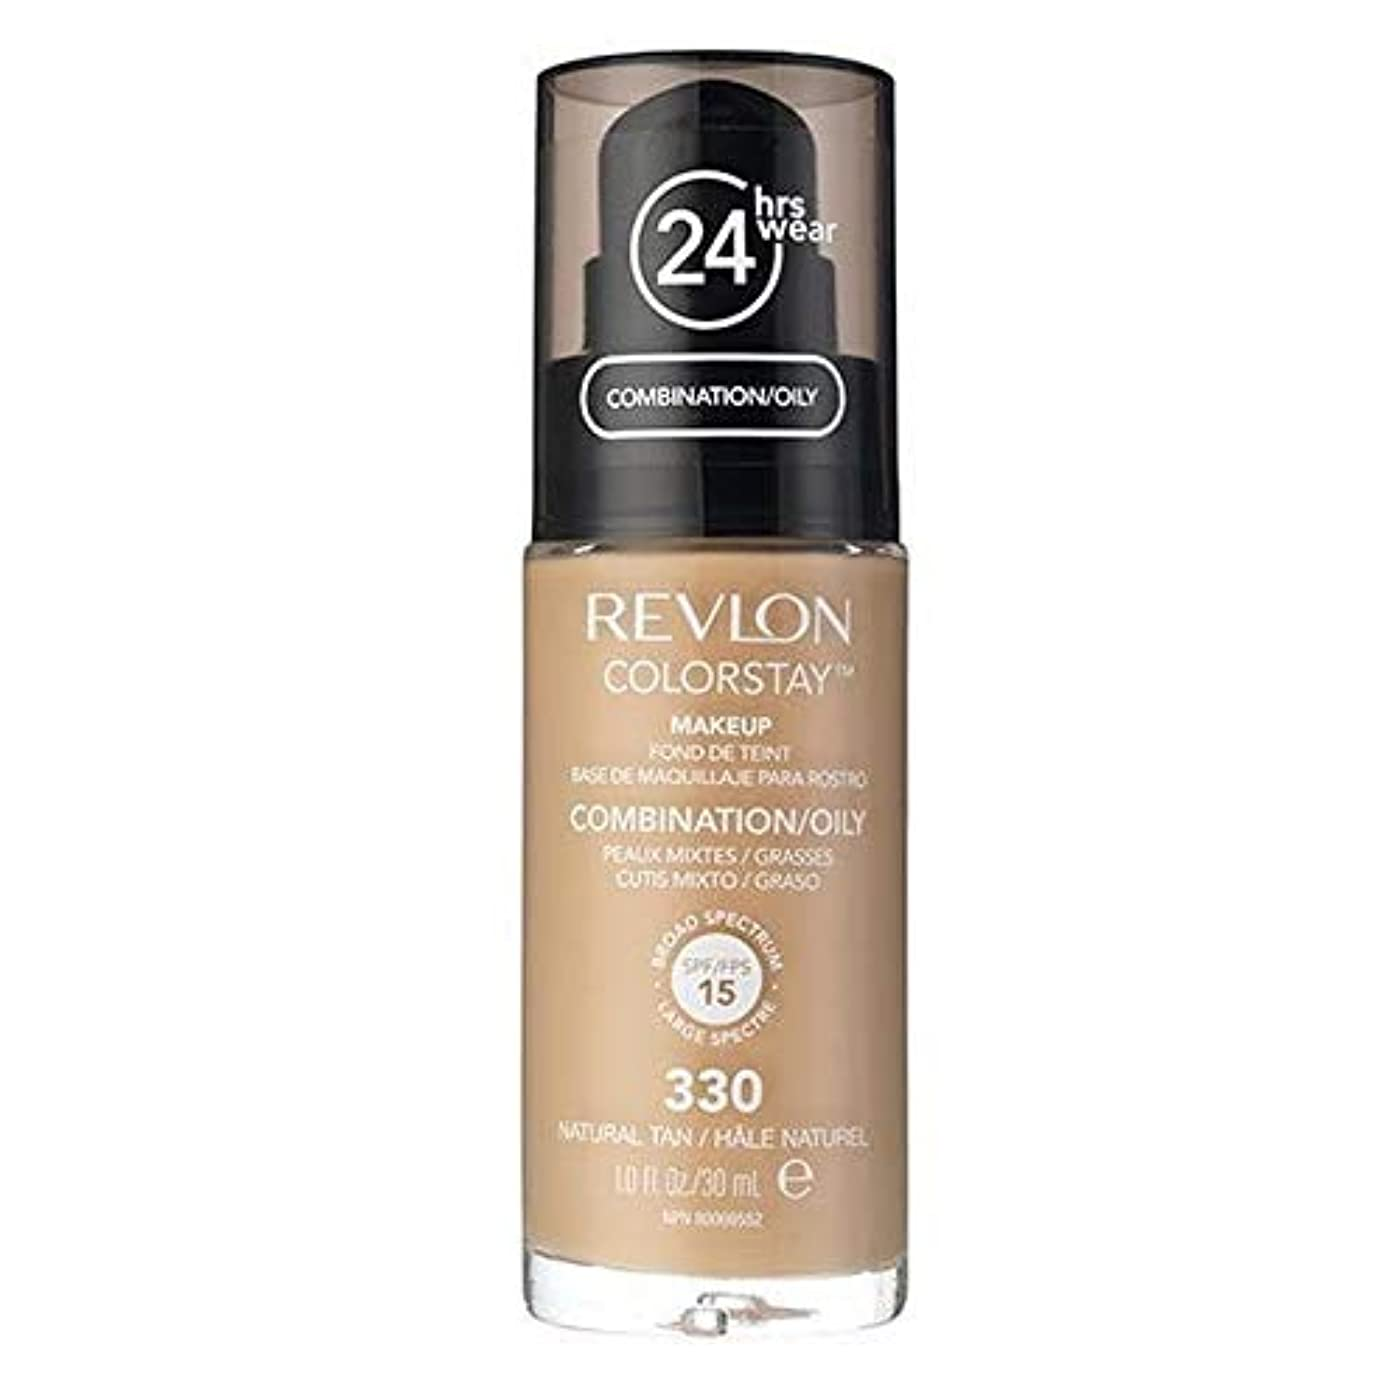 グラディス提供価格[Revlon ] レブロンカラーステイ基盤コンビ/油性Nat日焼け30ミリリットル - Revlon Color Stay Foundation Combi/Oily Nat Tan 30ml [並行輸入品]